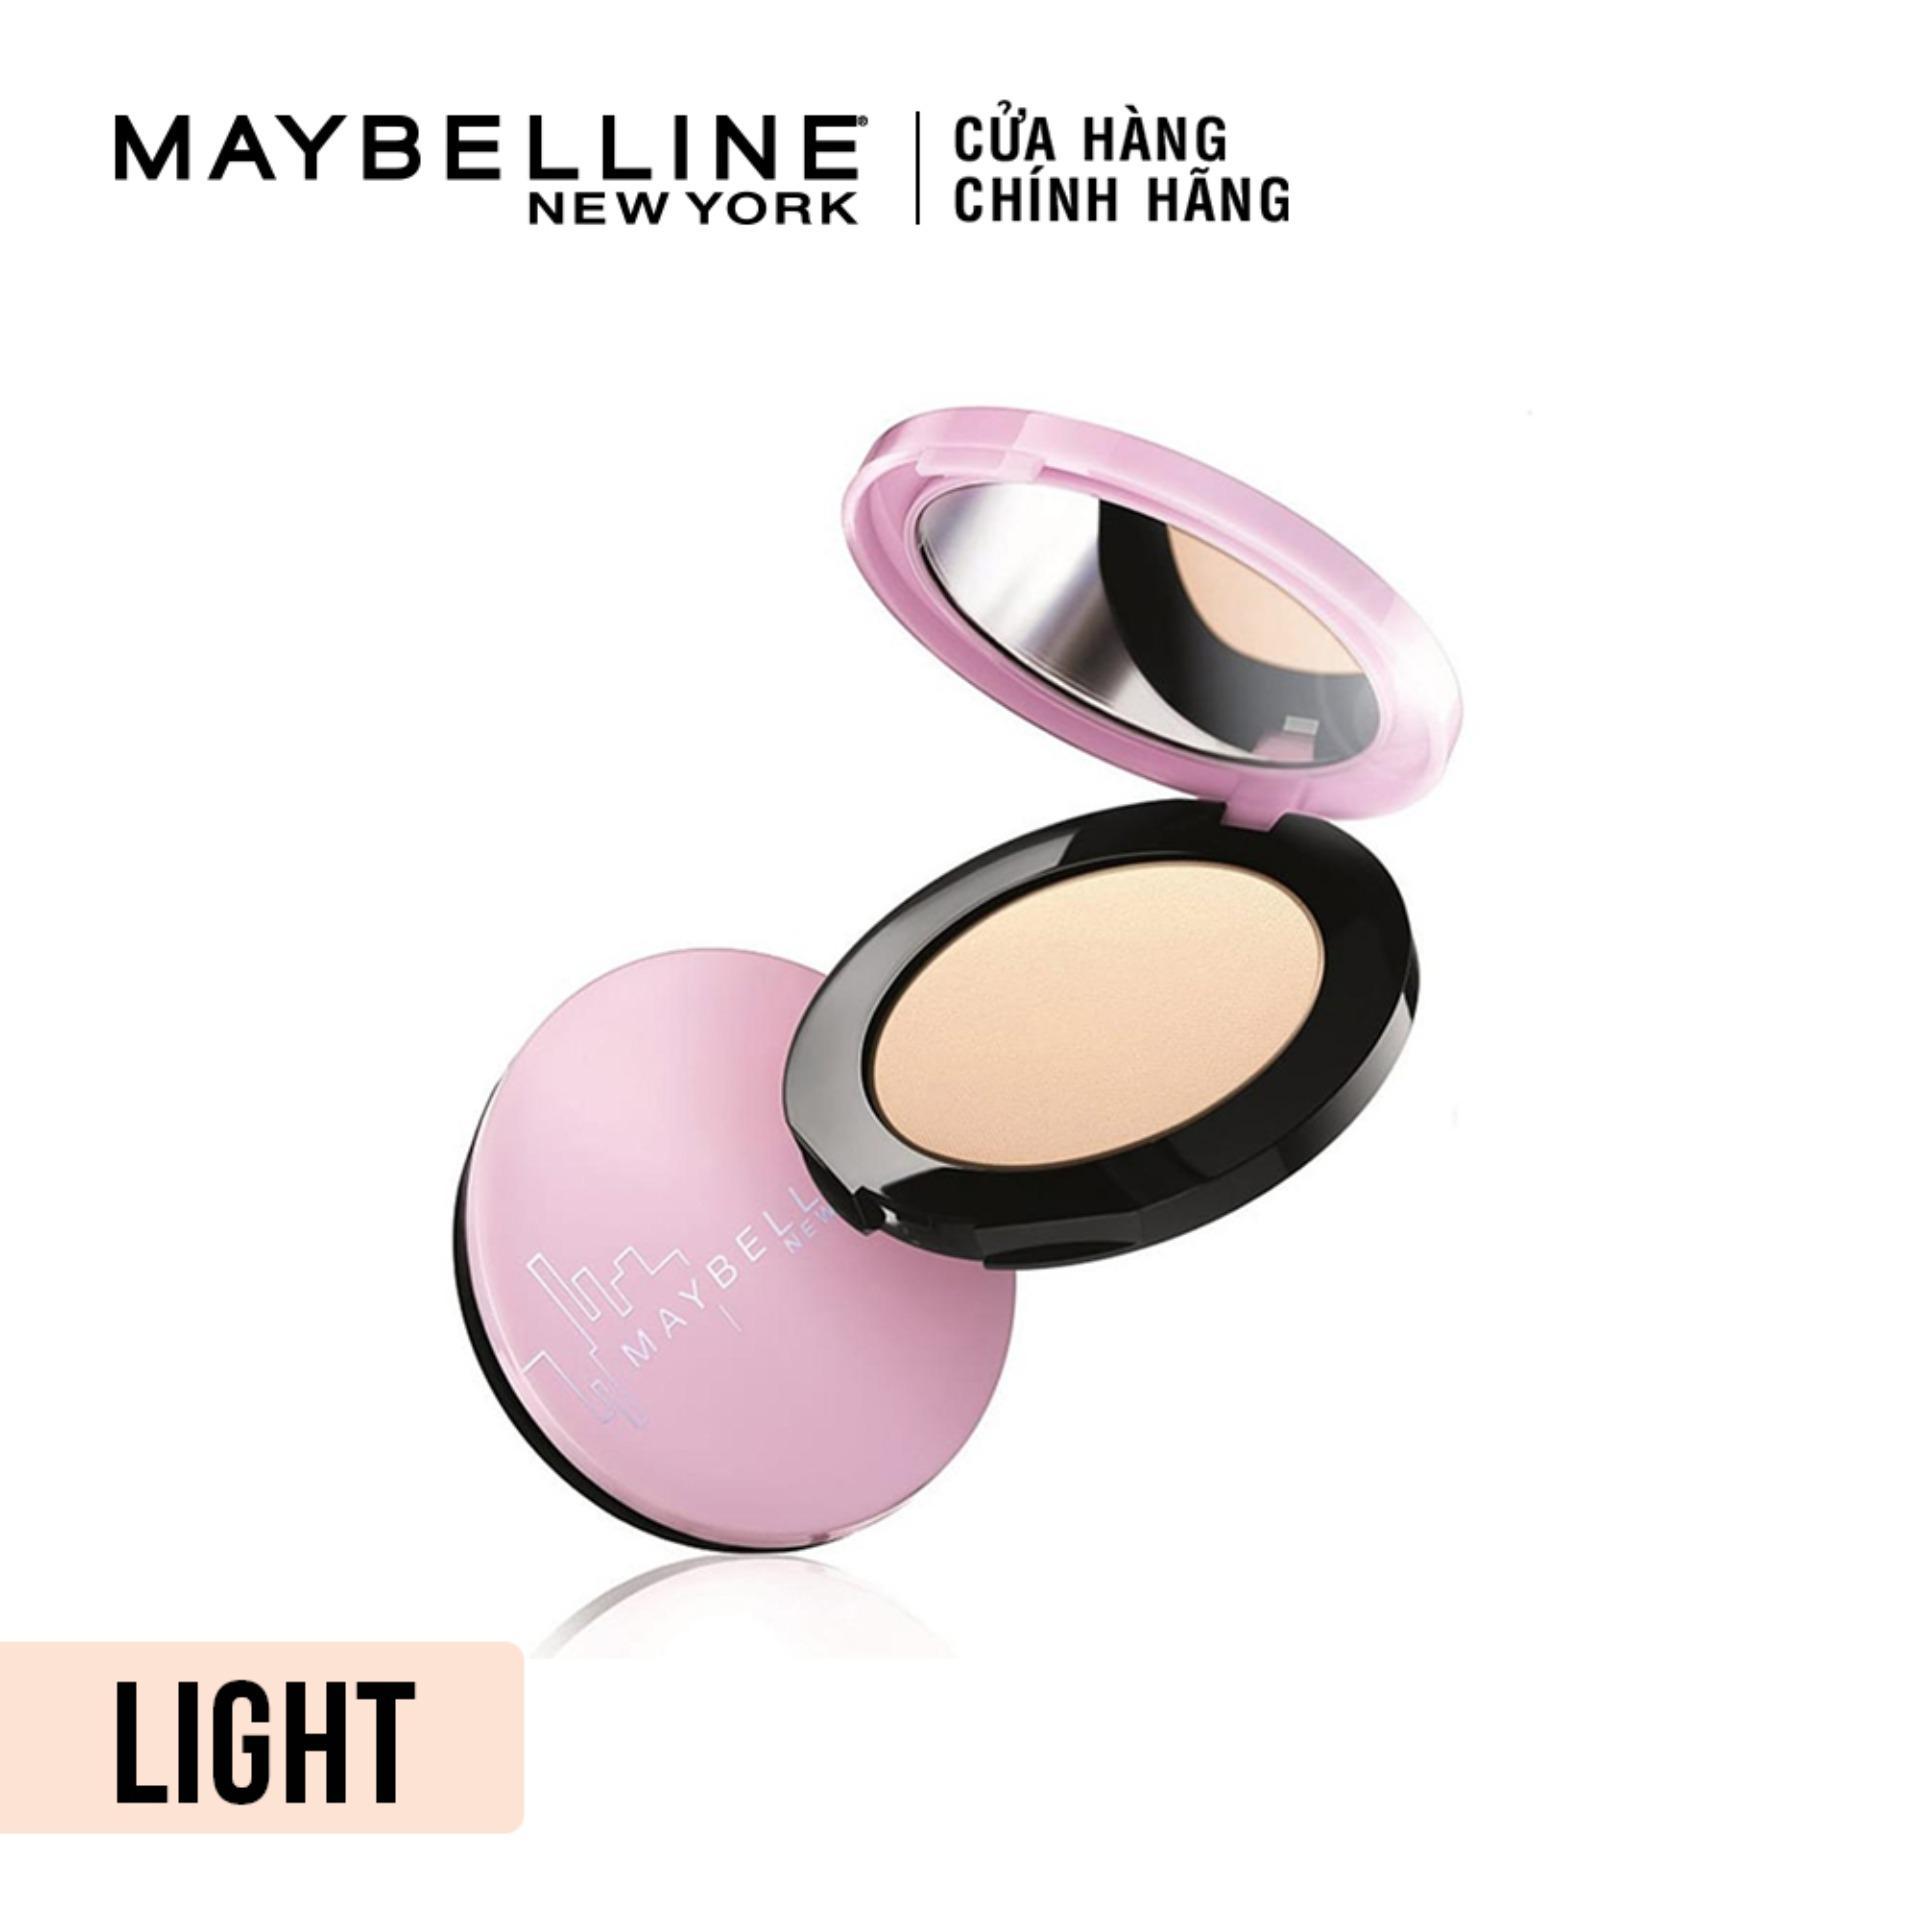 Phấn phủ mịn da chống nhờn Maybelline Clear Smooth All in one powder 9g chính hãng